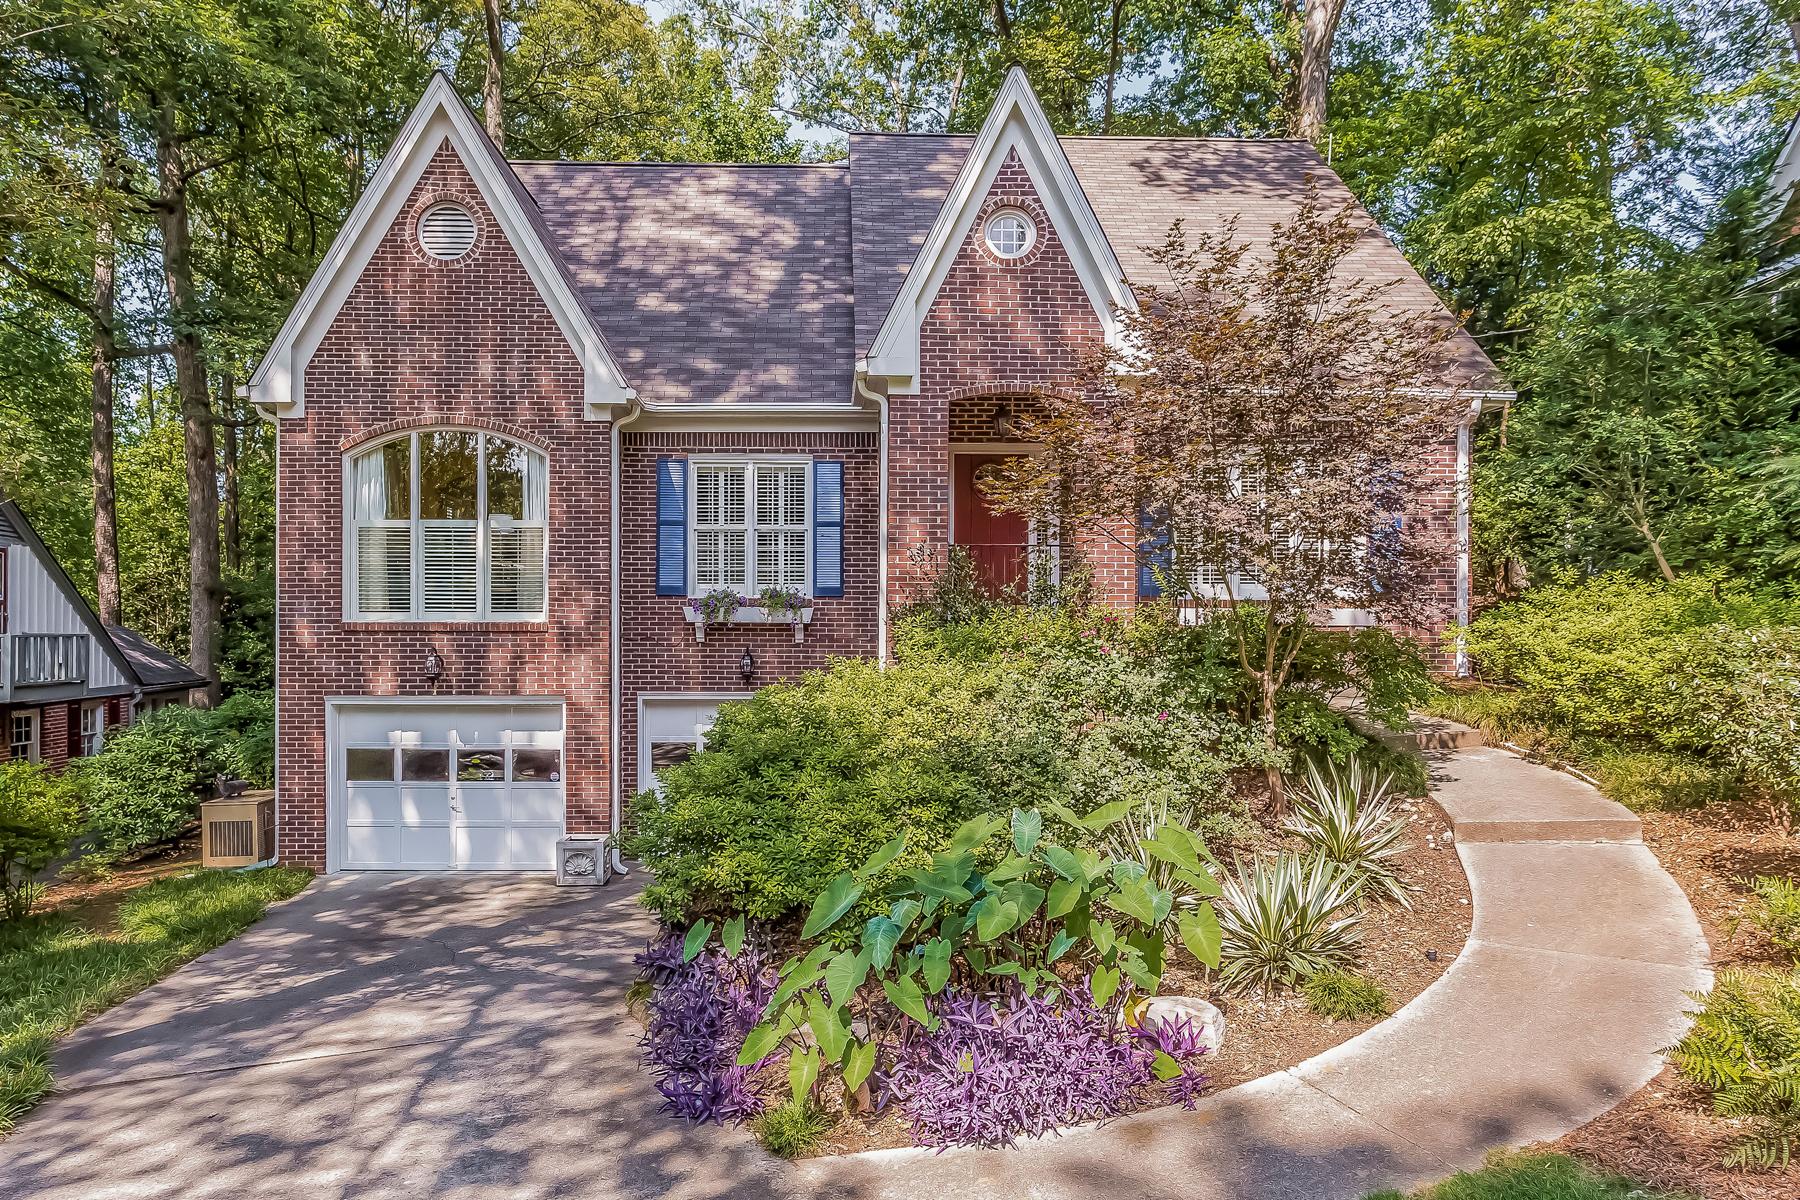 Single Family Home for Sale at Pristine Home In Morningside 1833 N Rock Springs Road NE Morningside, Atlanta, Georgia 30324 United States